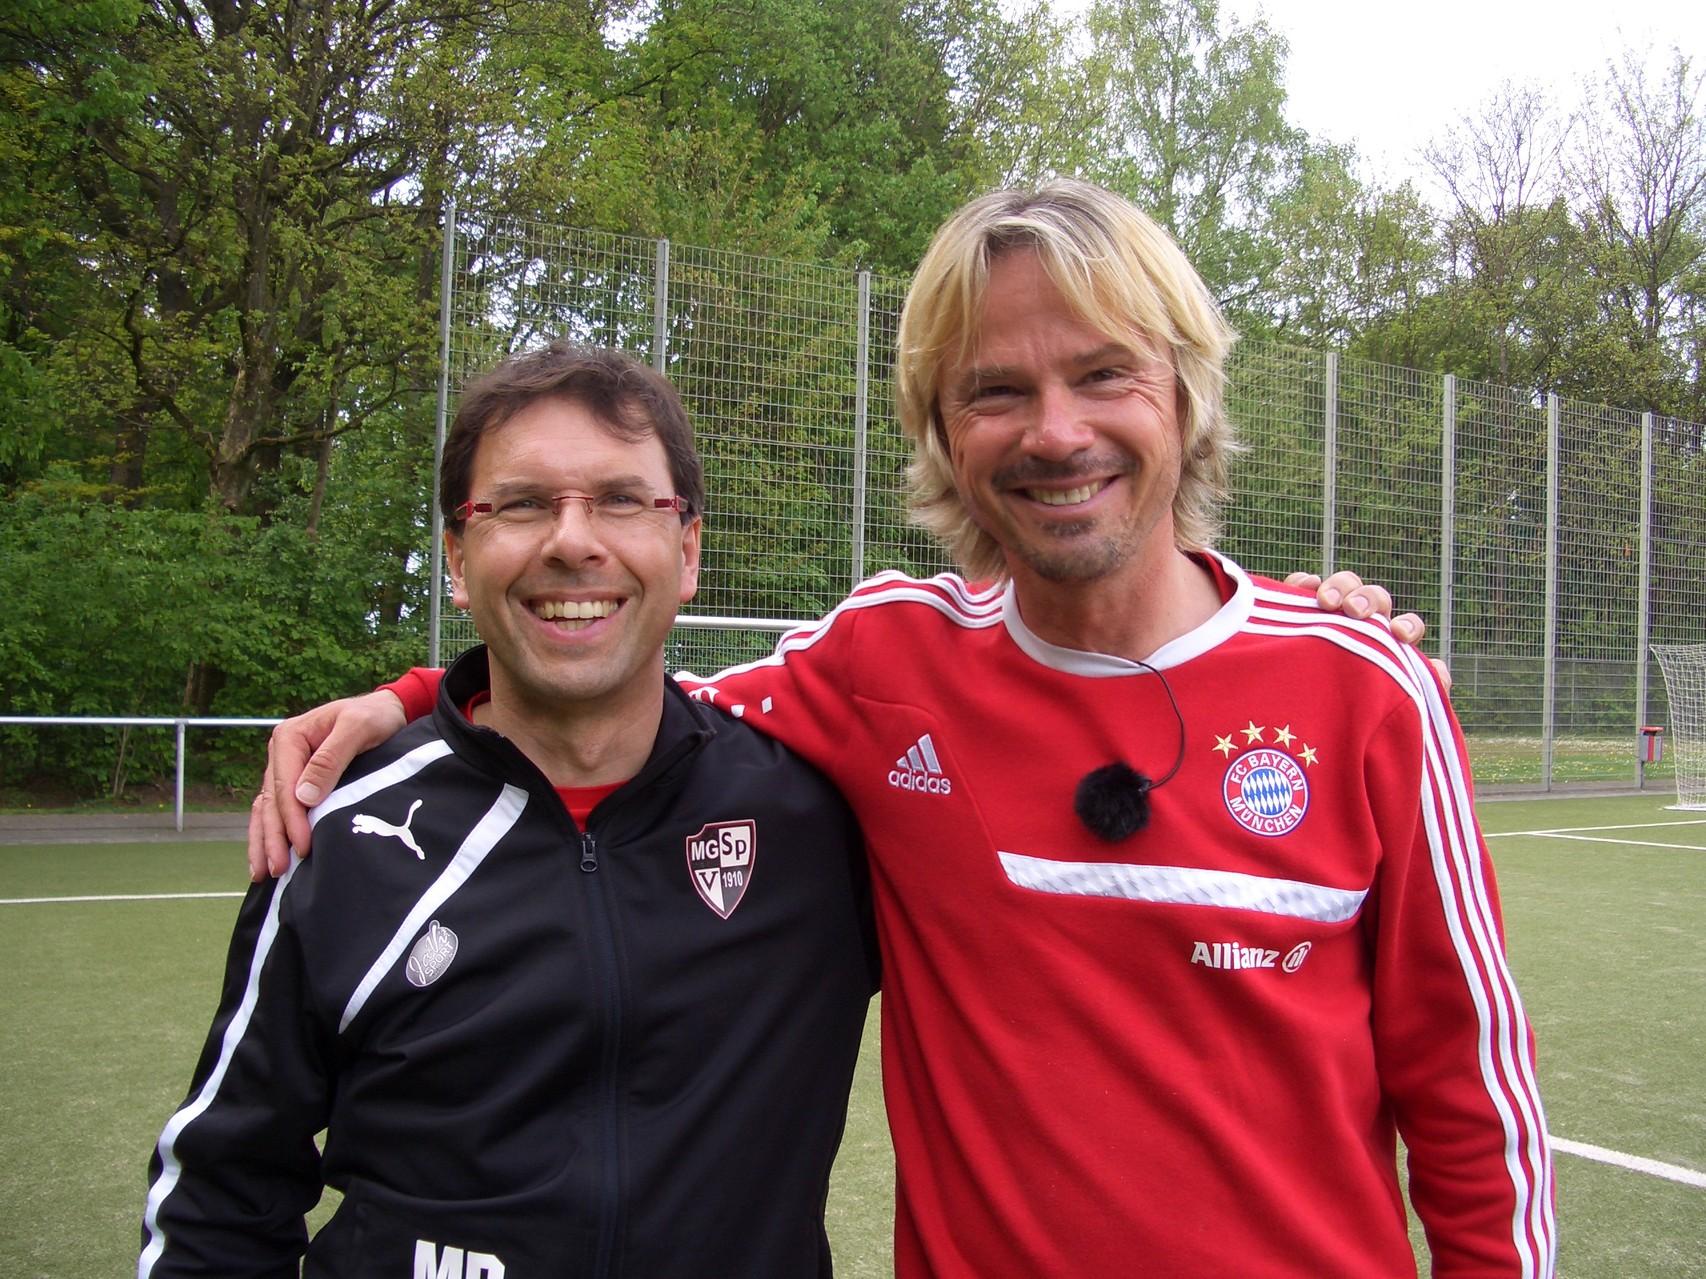 Michael Palumbo mit dem Technik- und Kreativtrainer Matthias Nowak der U17 und U19 Damen von Bayern München